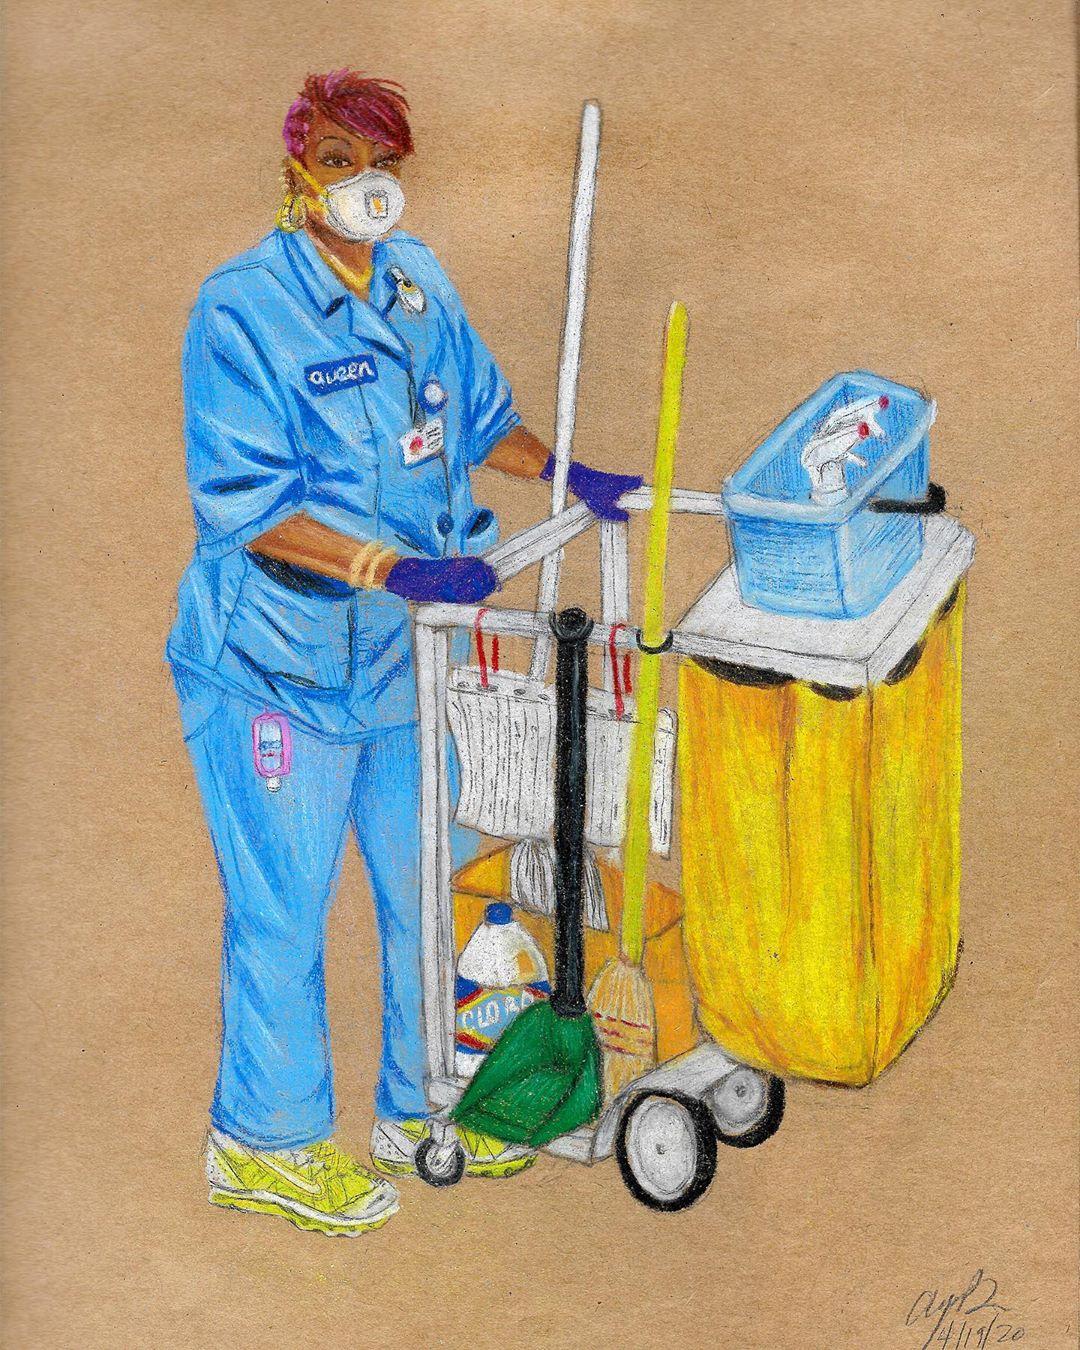 Conoce a Aya Brown, la artista que rinde homenaje a las trabajadoras esenciales de NYC durante la pandemia